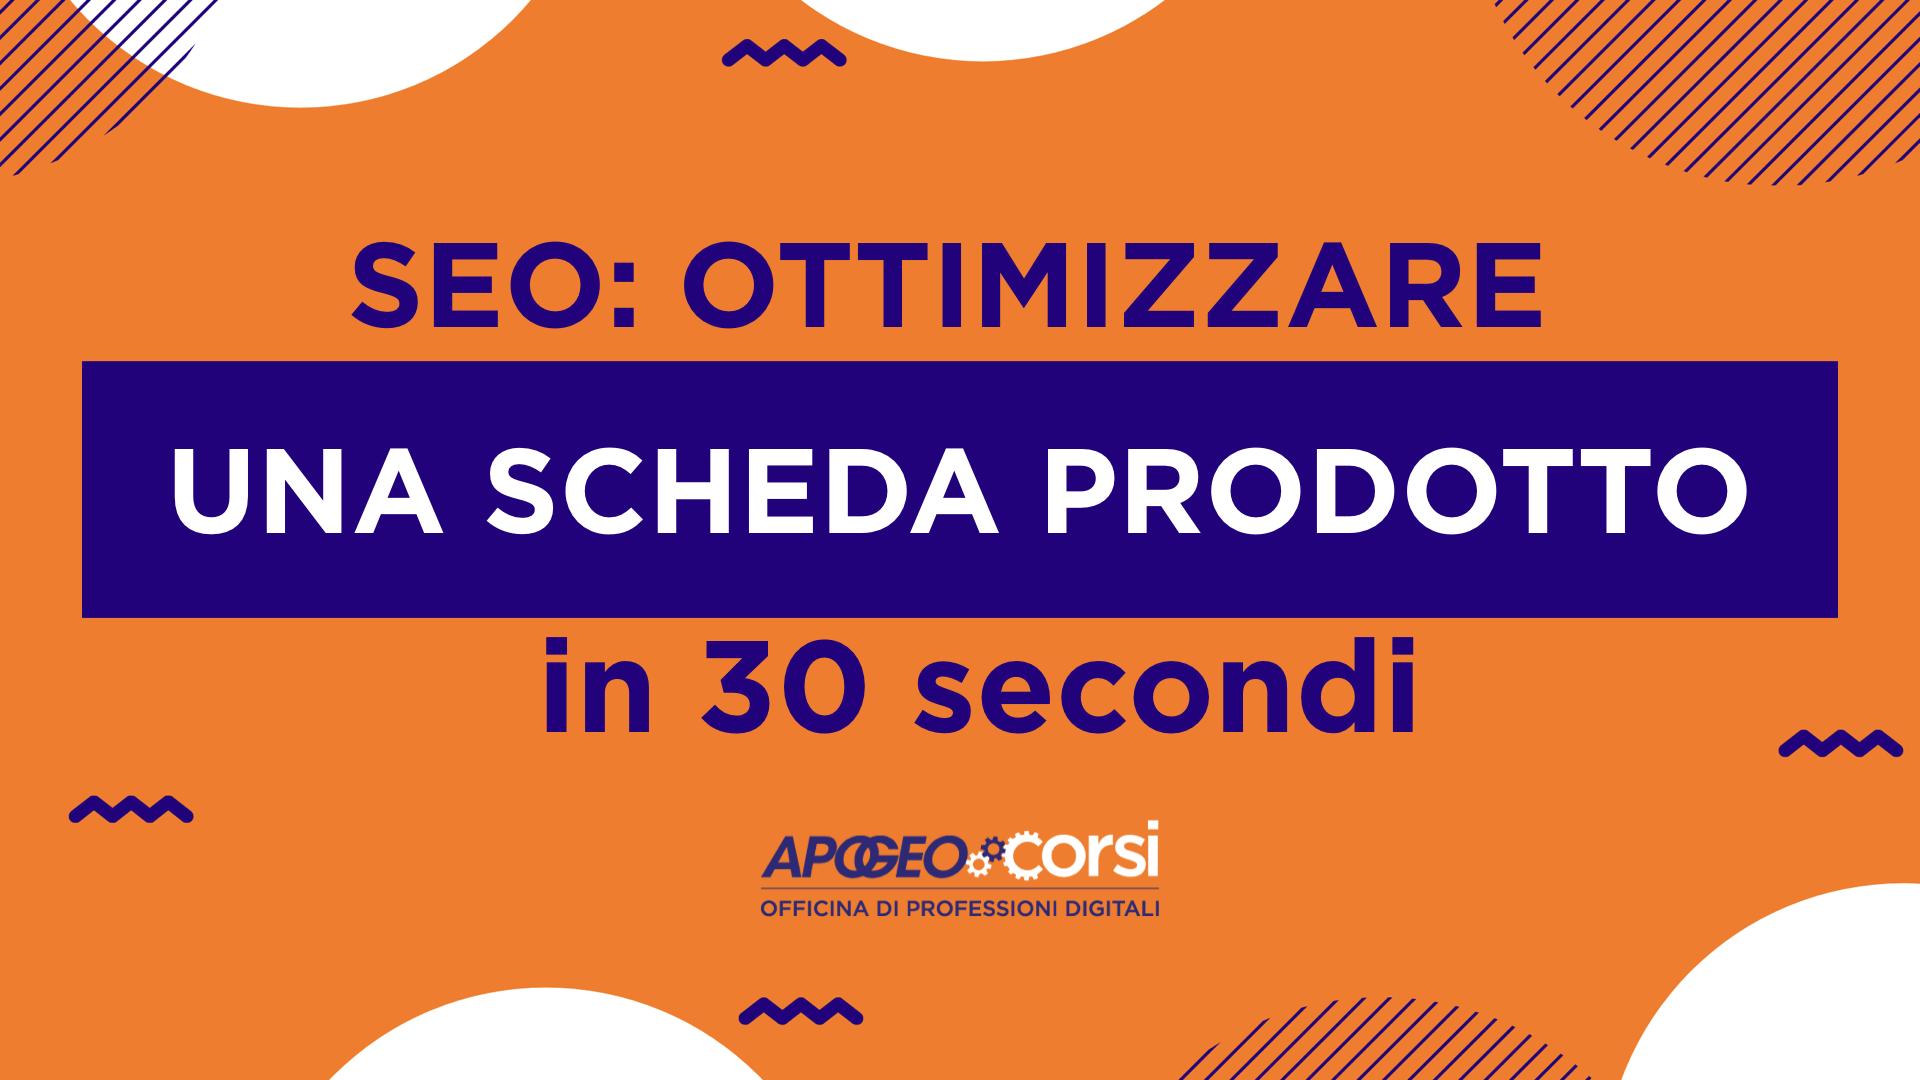 SEO: ottimizzare una scheda prodotto in 30 secondi